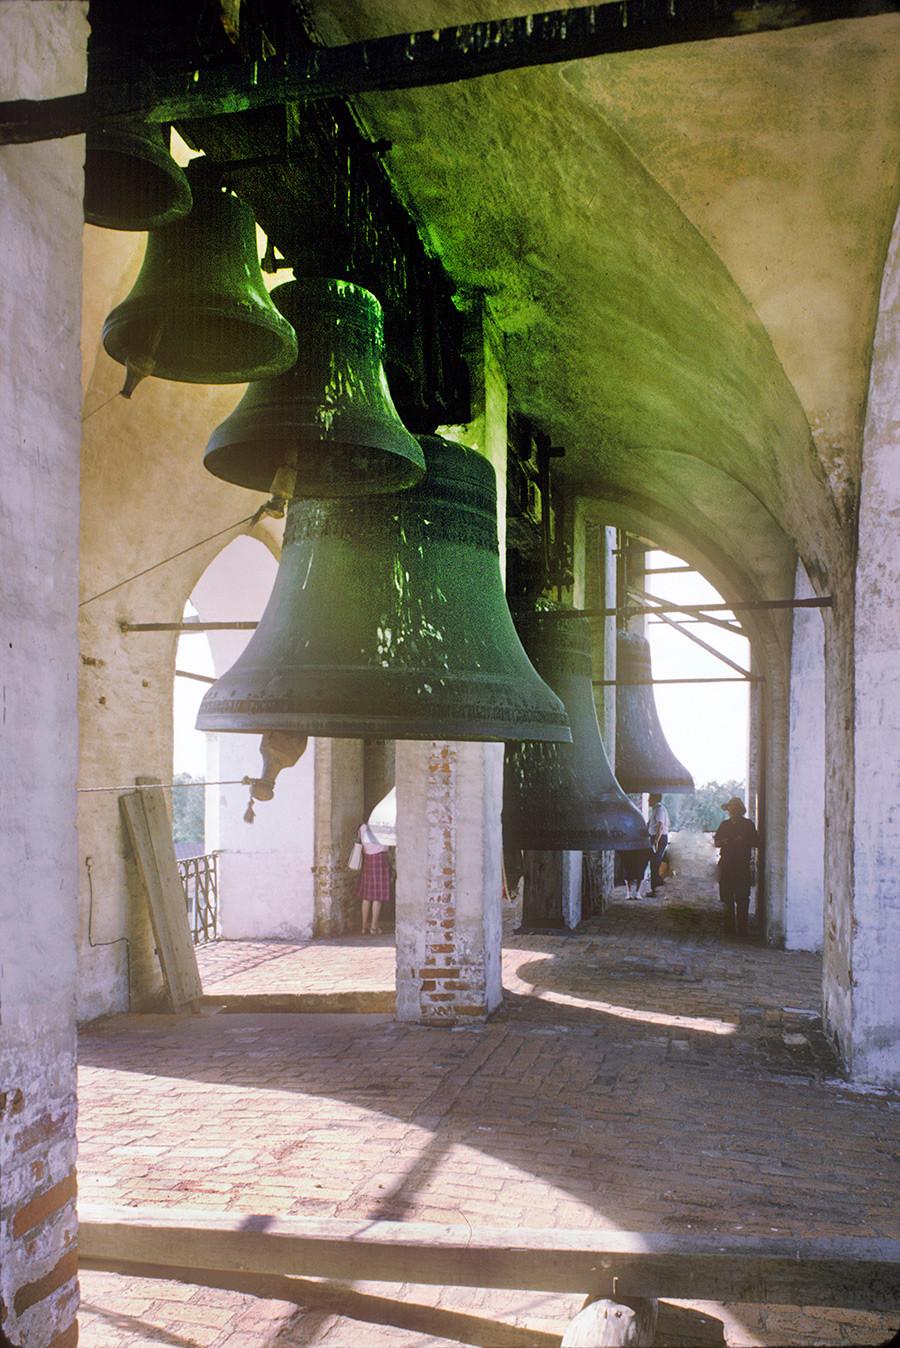 ウスペンスキー聖堂の鐘楼、上階。鐘の「白鳥」と「ポリエレオス」と「シソイ」。1995年6月28日。